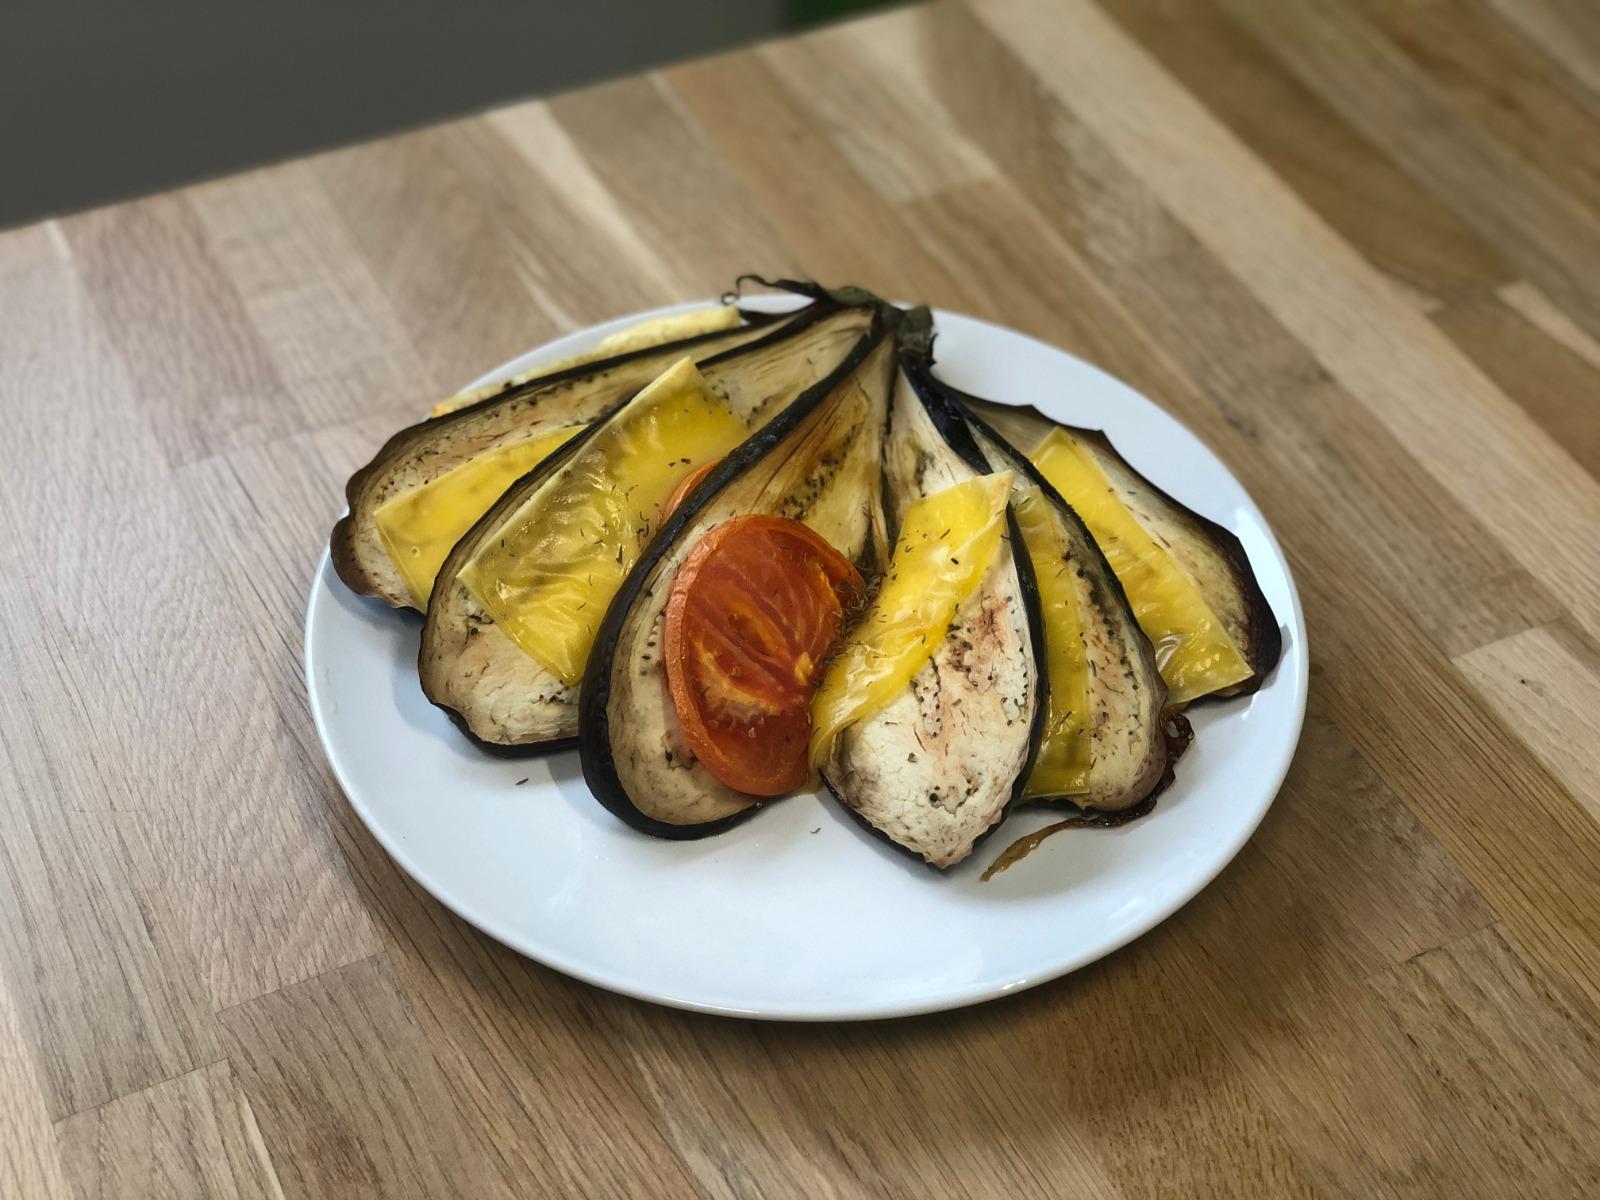 abanico de berenjena con queso y tomate come sano